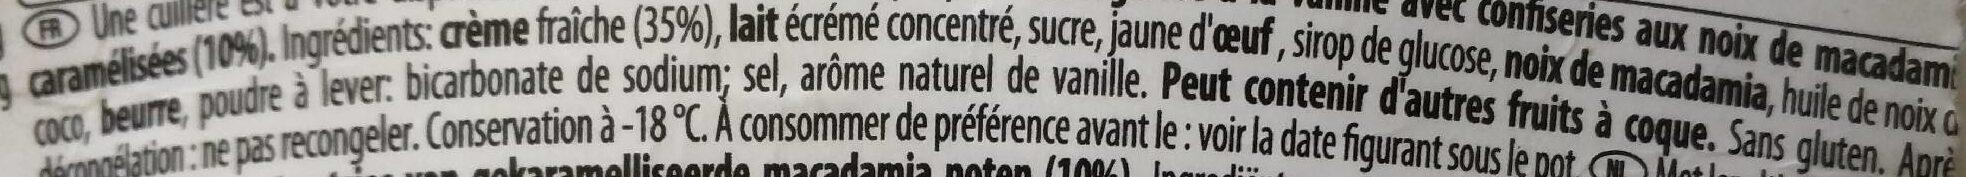 Macadamia nut brittle - Ingrédients - fr